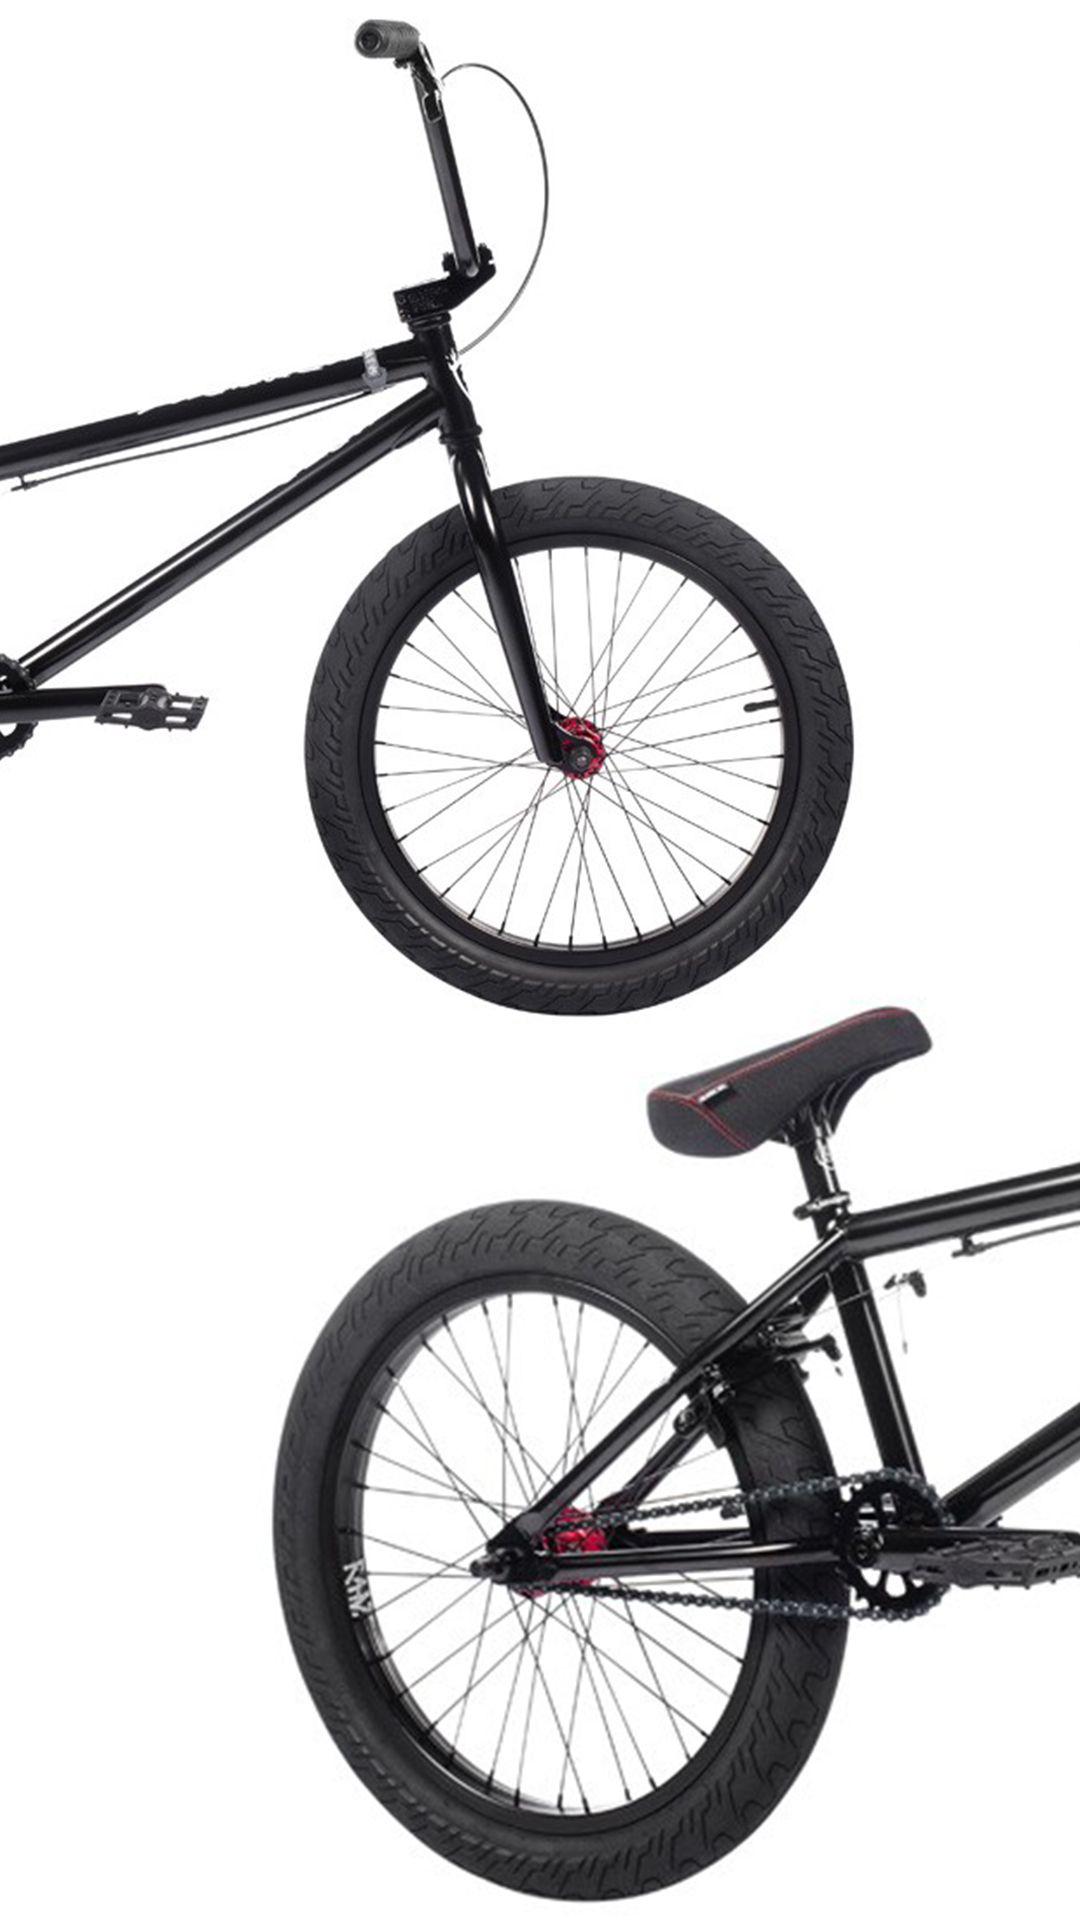 2021 Subrosa Sono Black In 2020 Beginner Bike Best Bmx Bmx Bikes